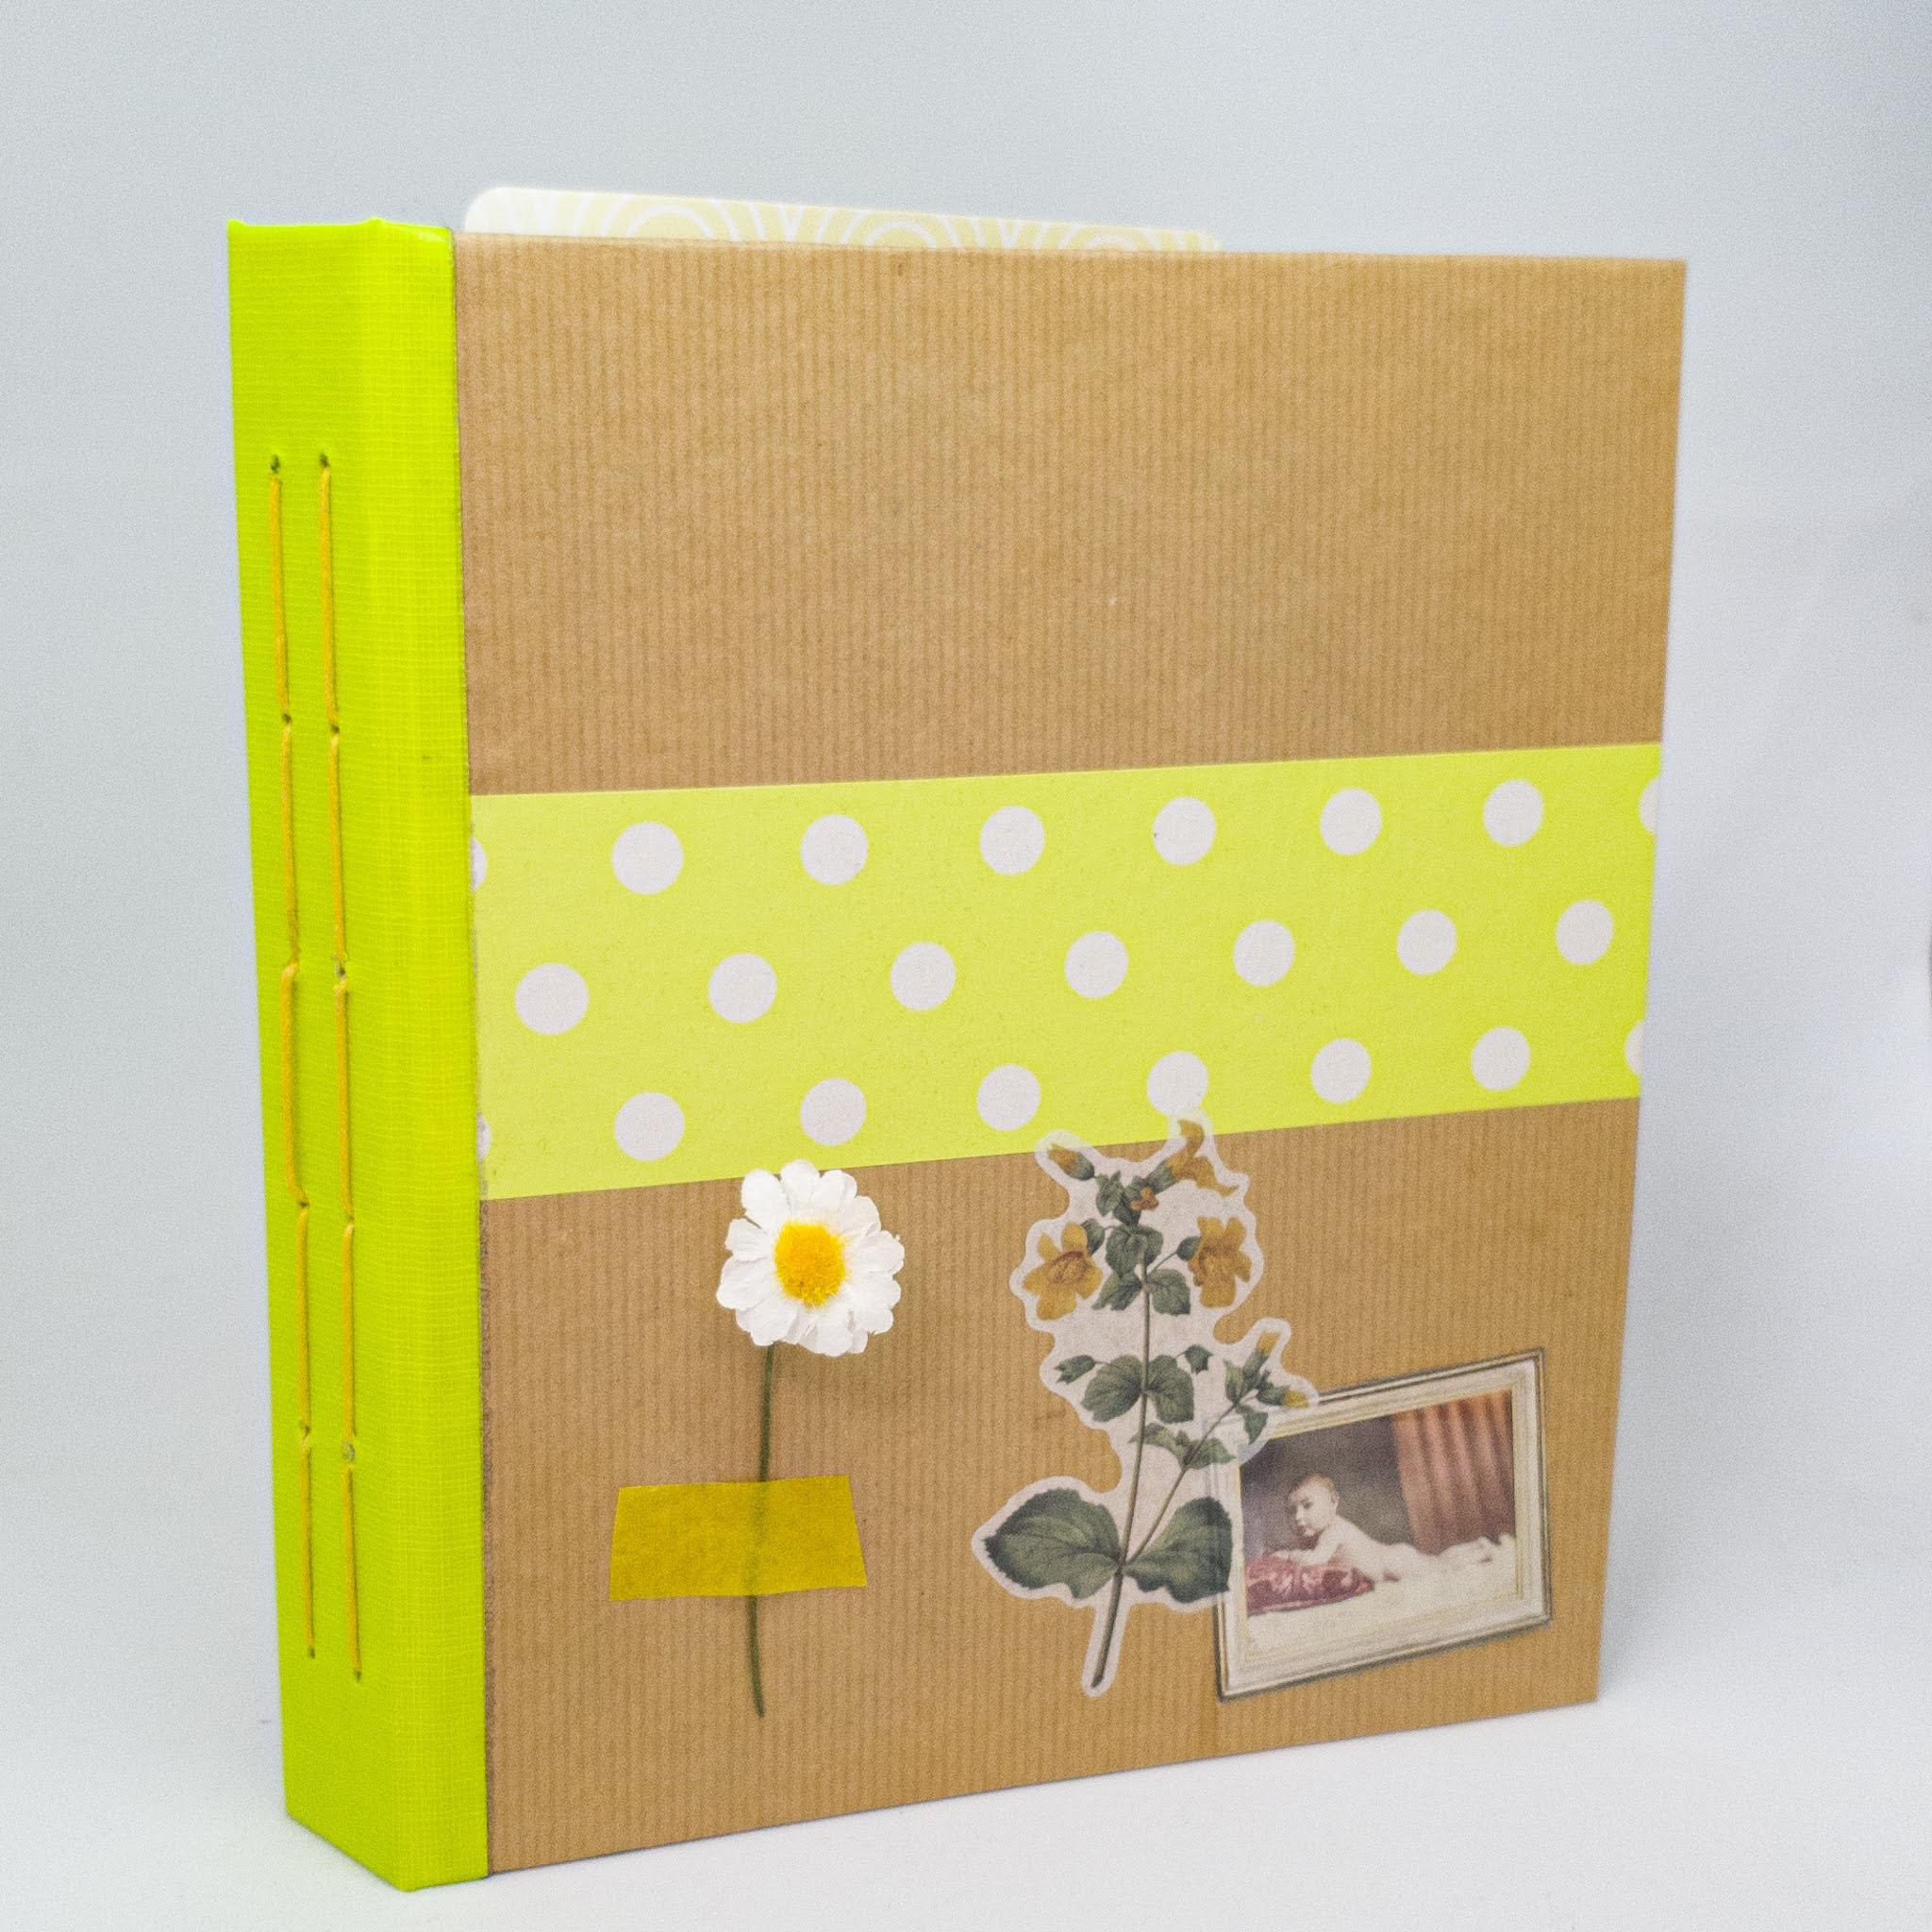 moodbook-journal-geel-handgebonden-handgemaakt